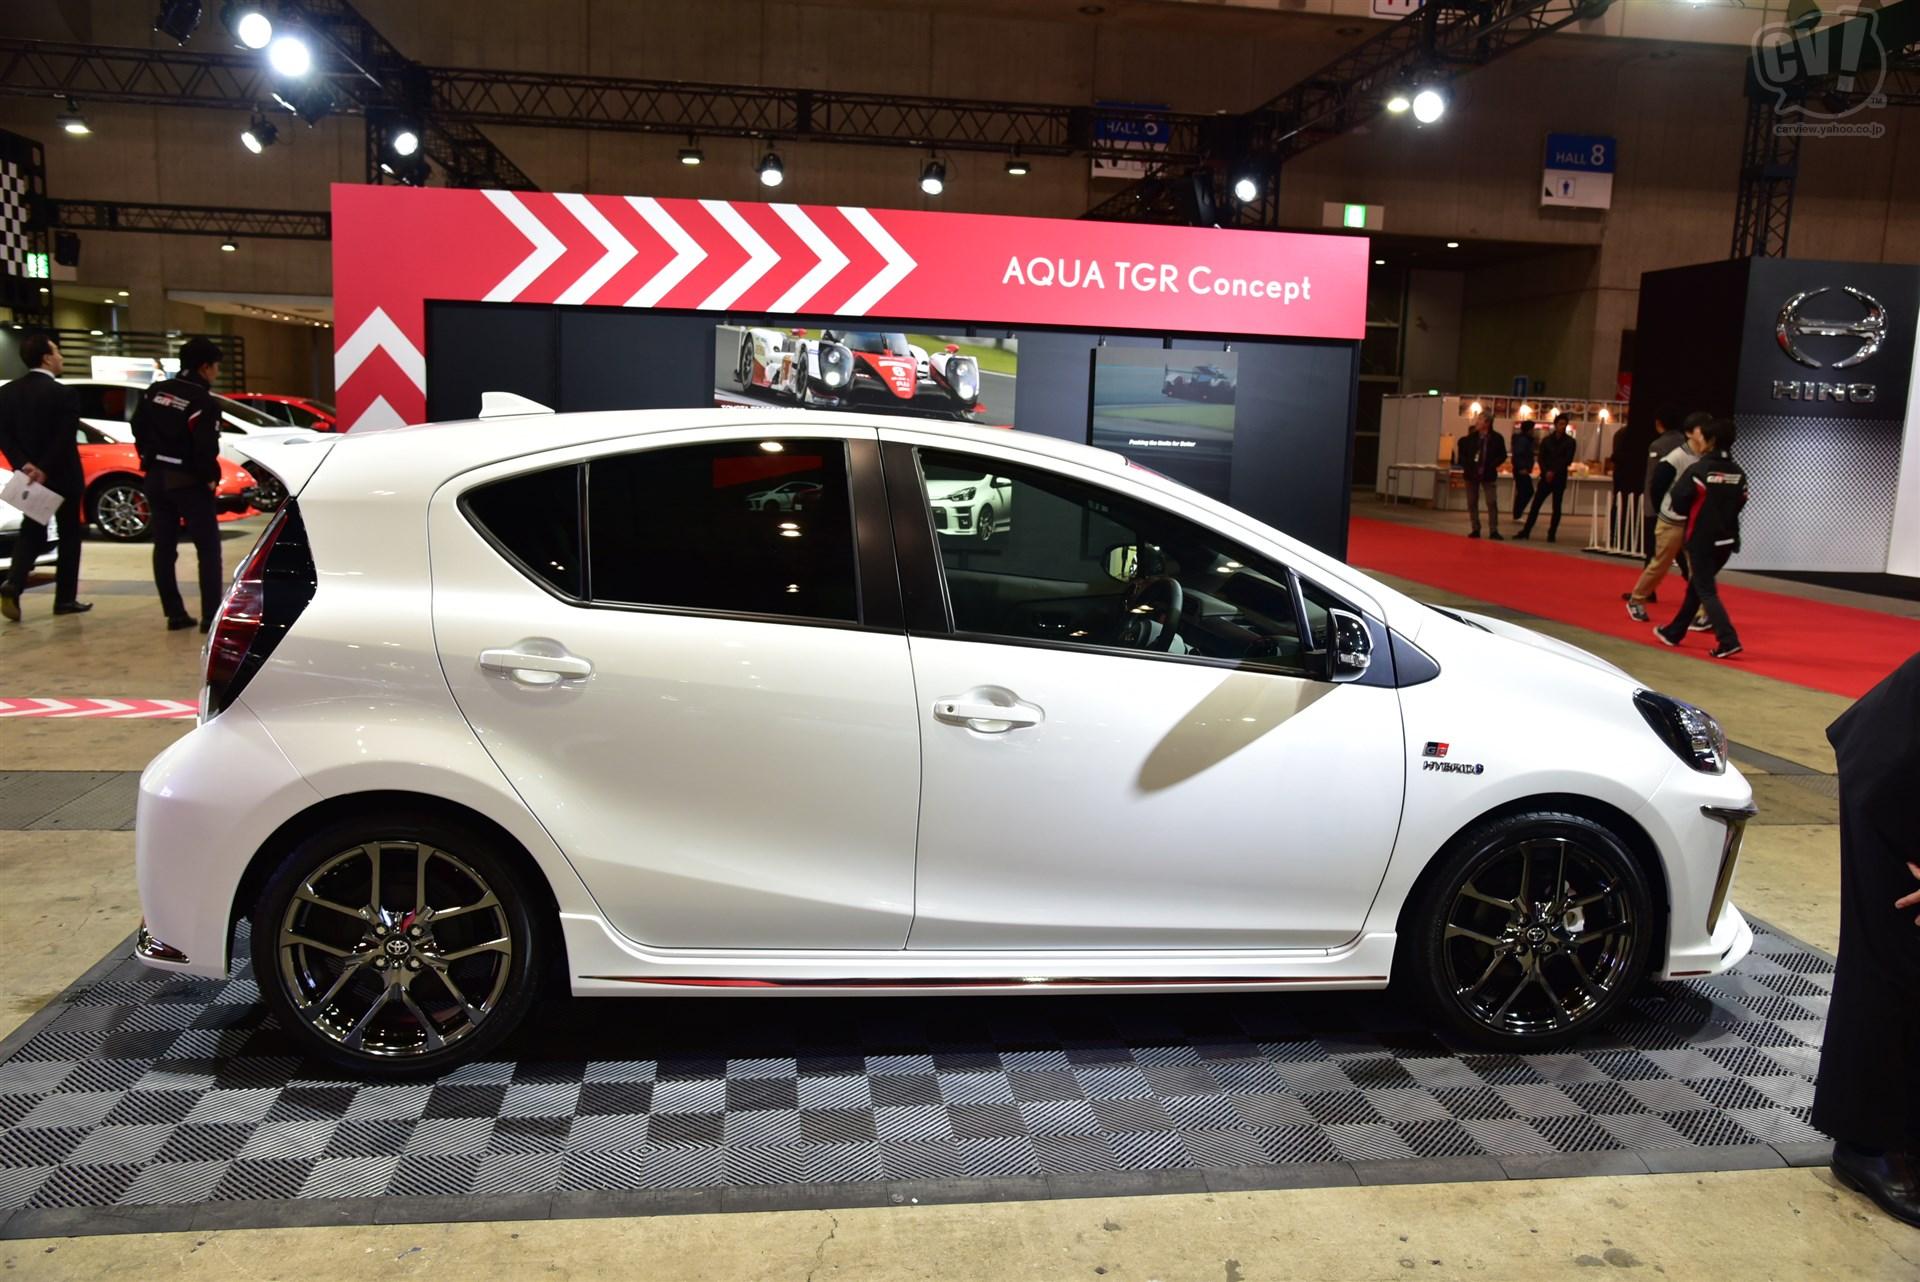 Toyota Aqua TGR Concept